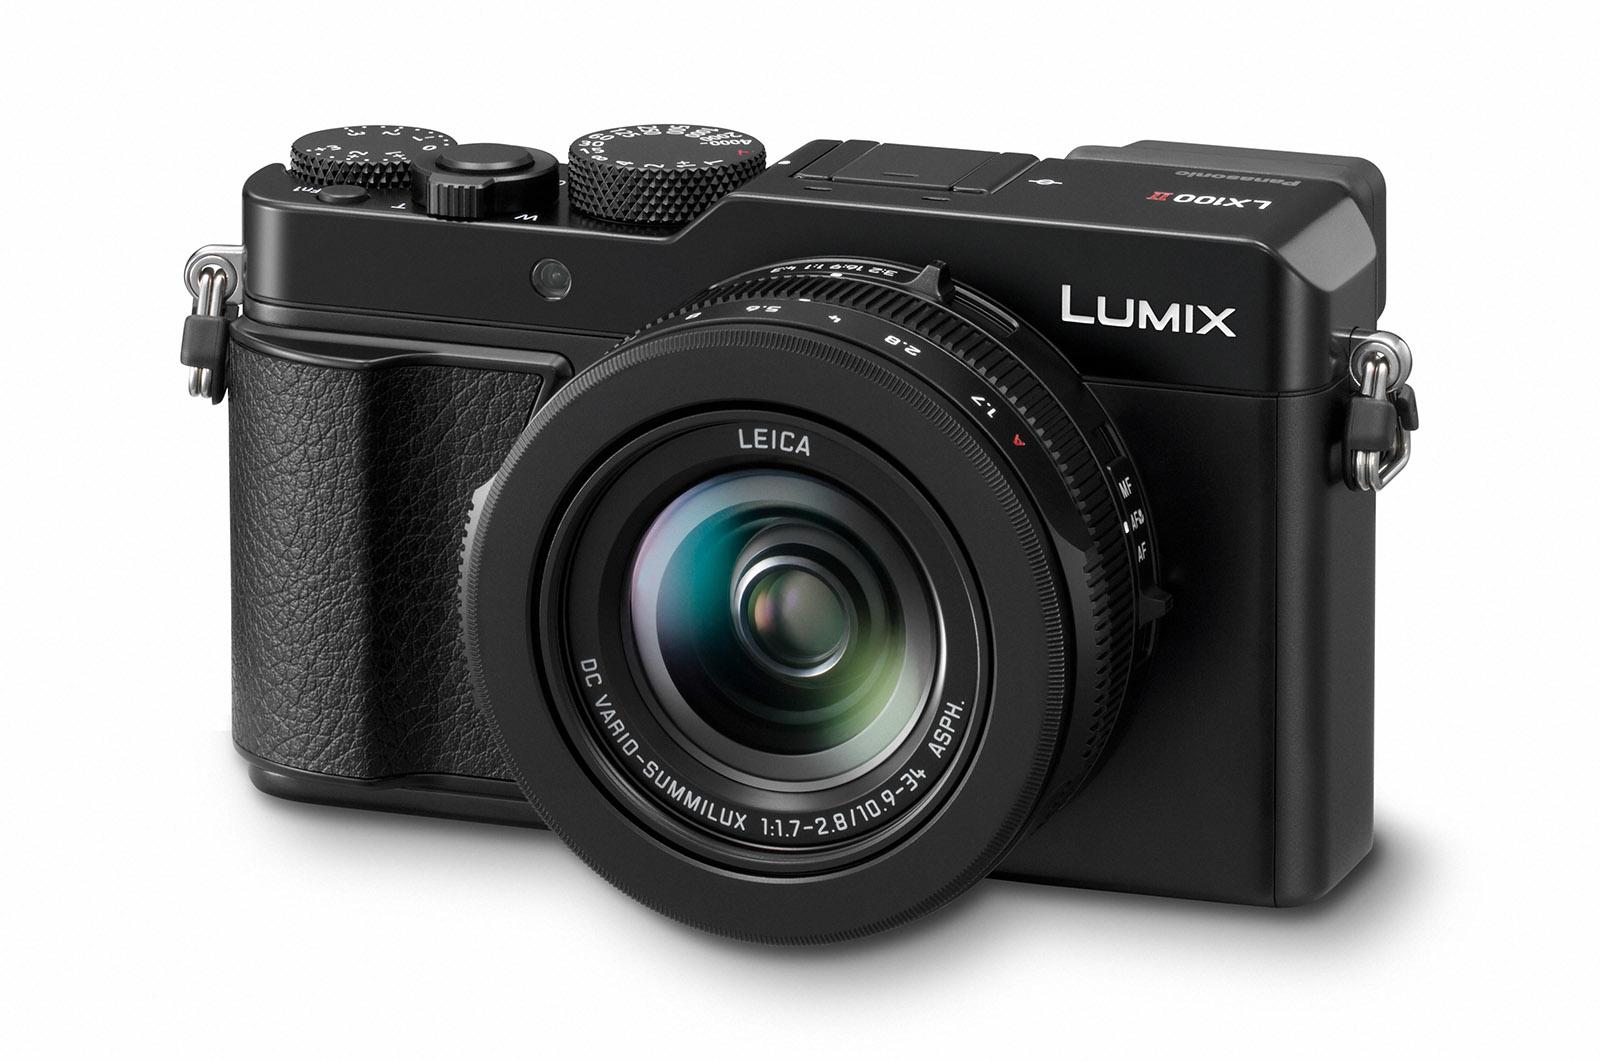 Lumix image